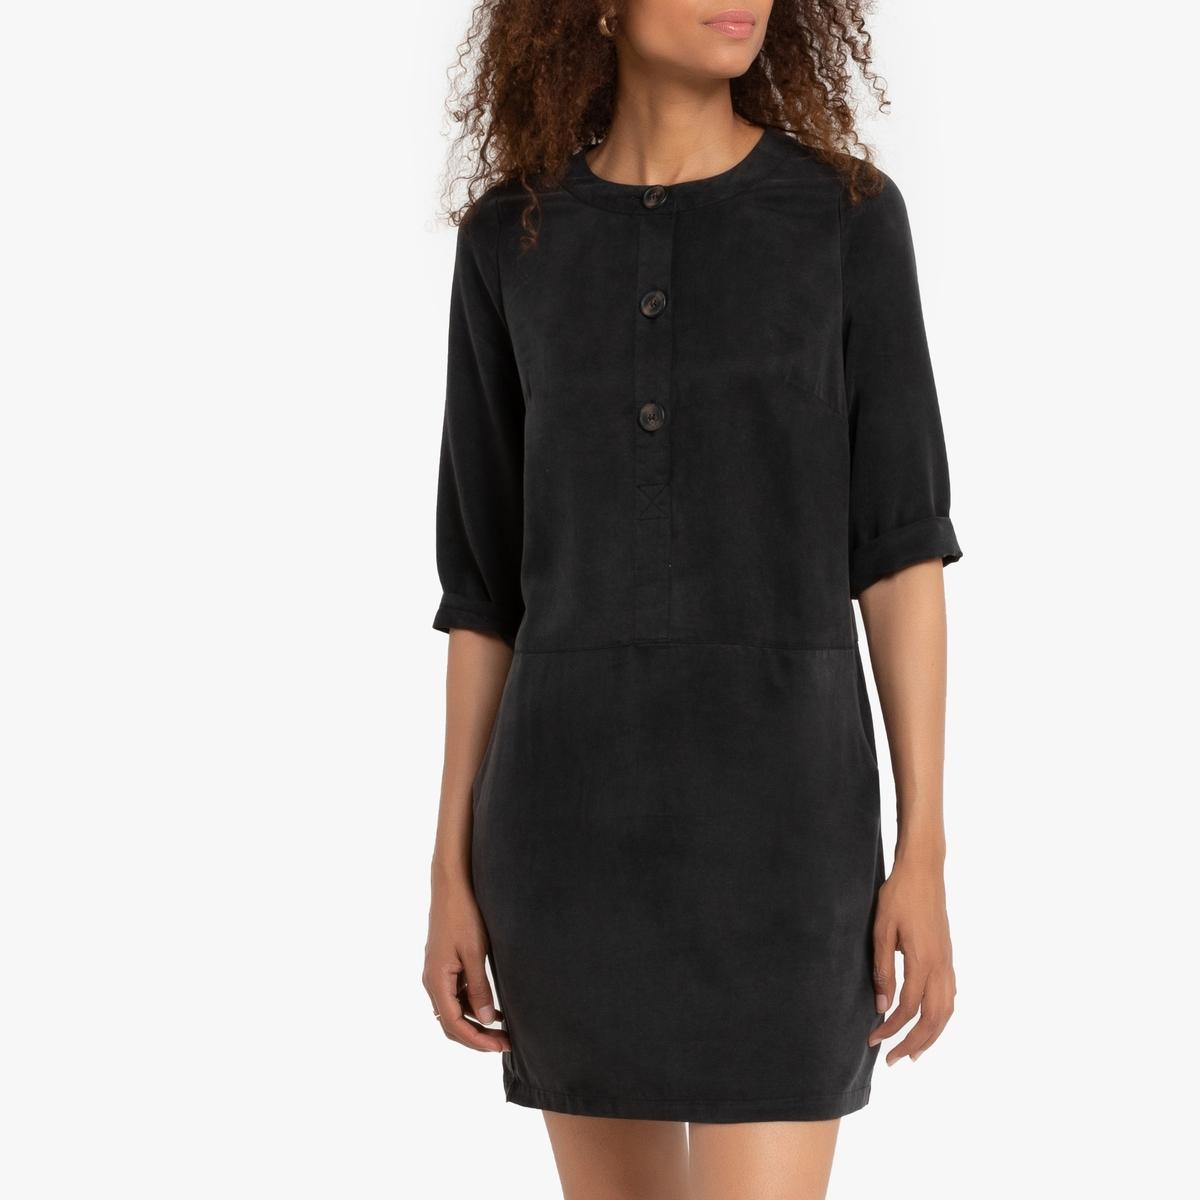 Платье La Redoute Короткое с застежкой на пуговицы и поясом Ribbiny M черный пиджак с застежкой на пуговицы sartorio